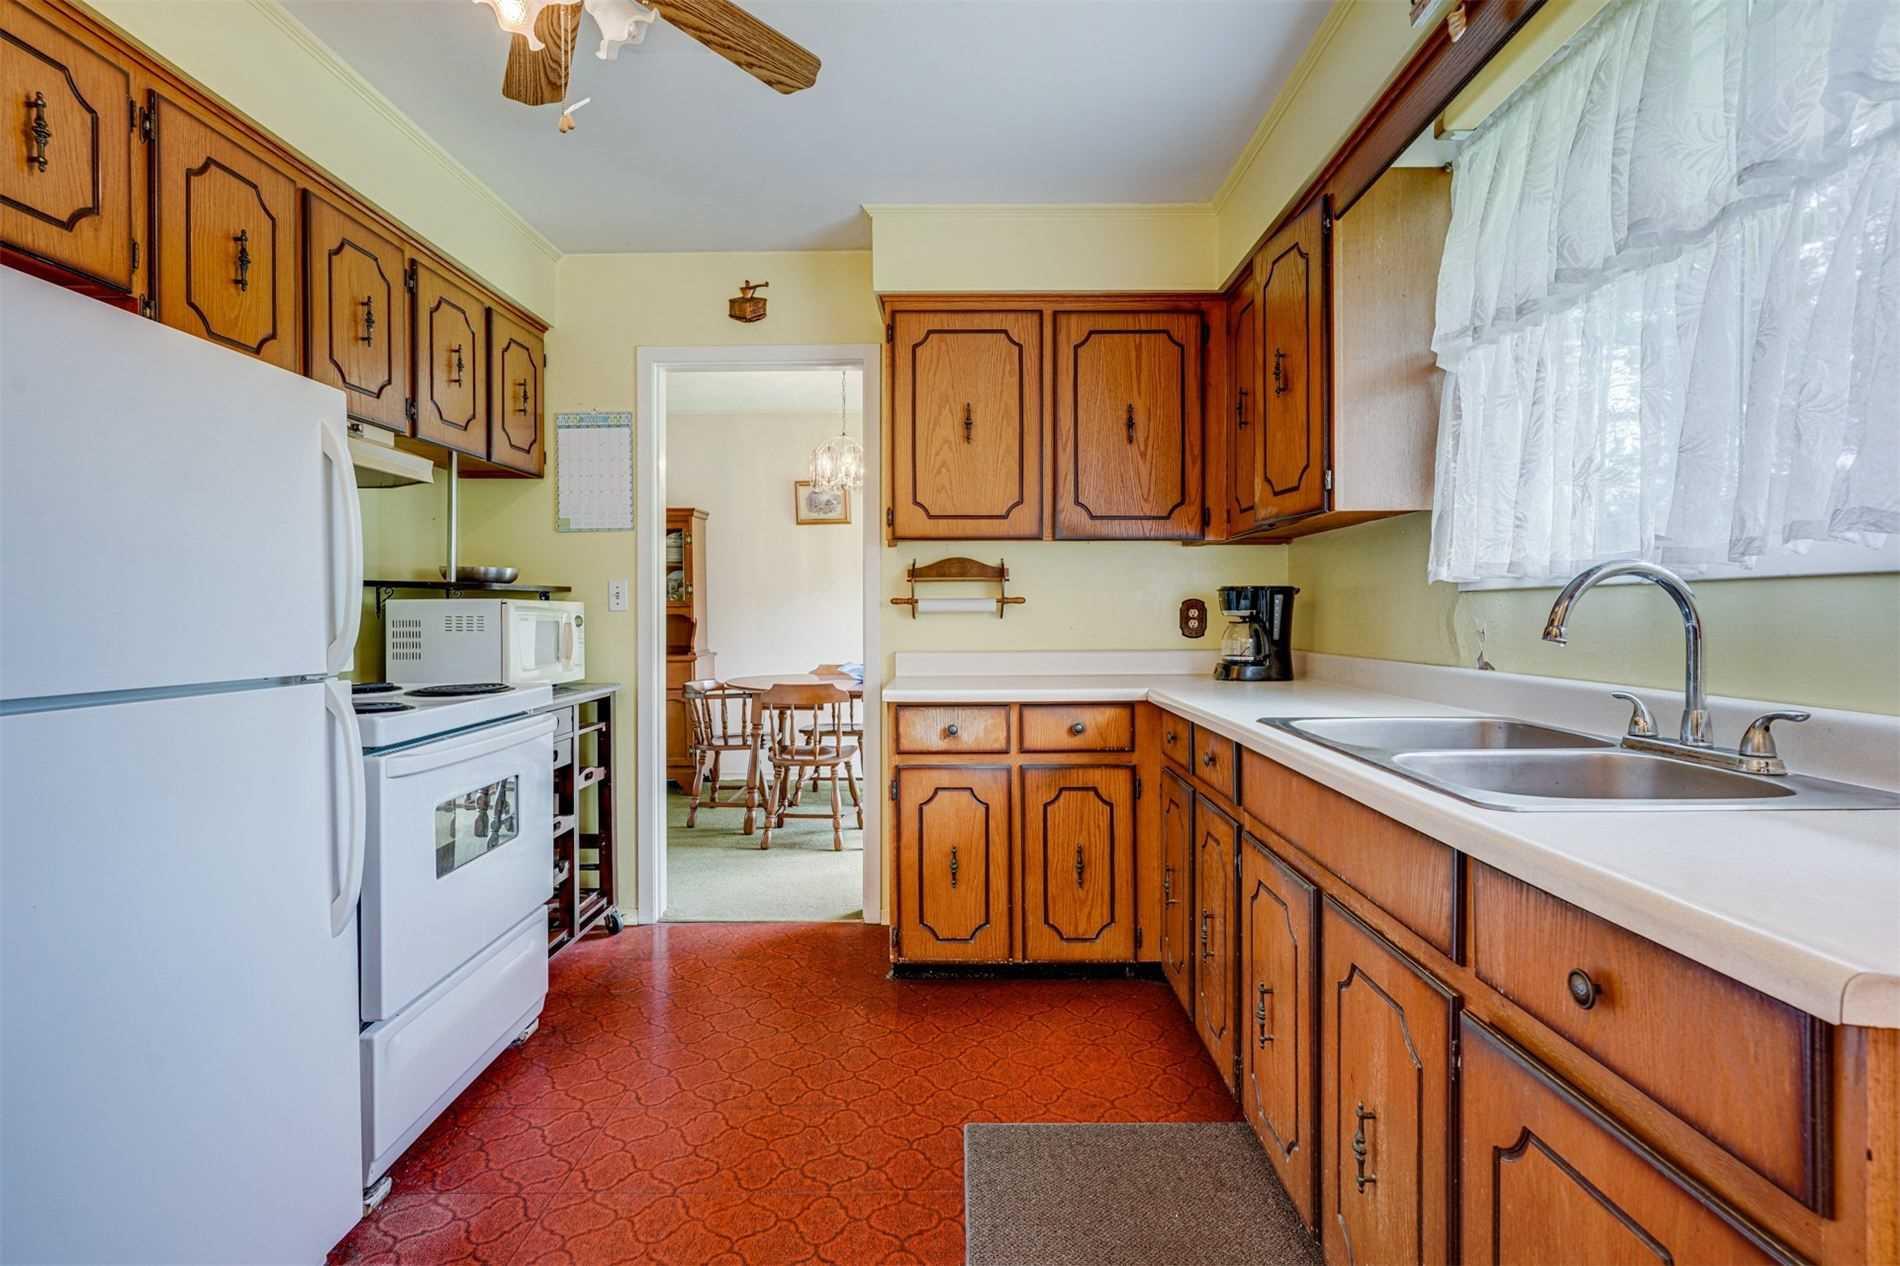 4189 Brock Rd - Uxbridge Detached for sale, 3 Bedrooms (N5311768) - #19